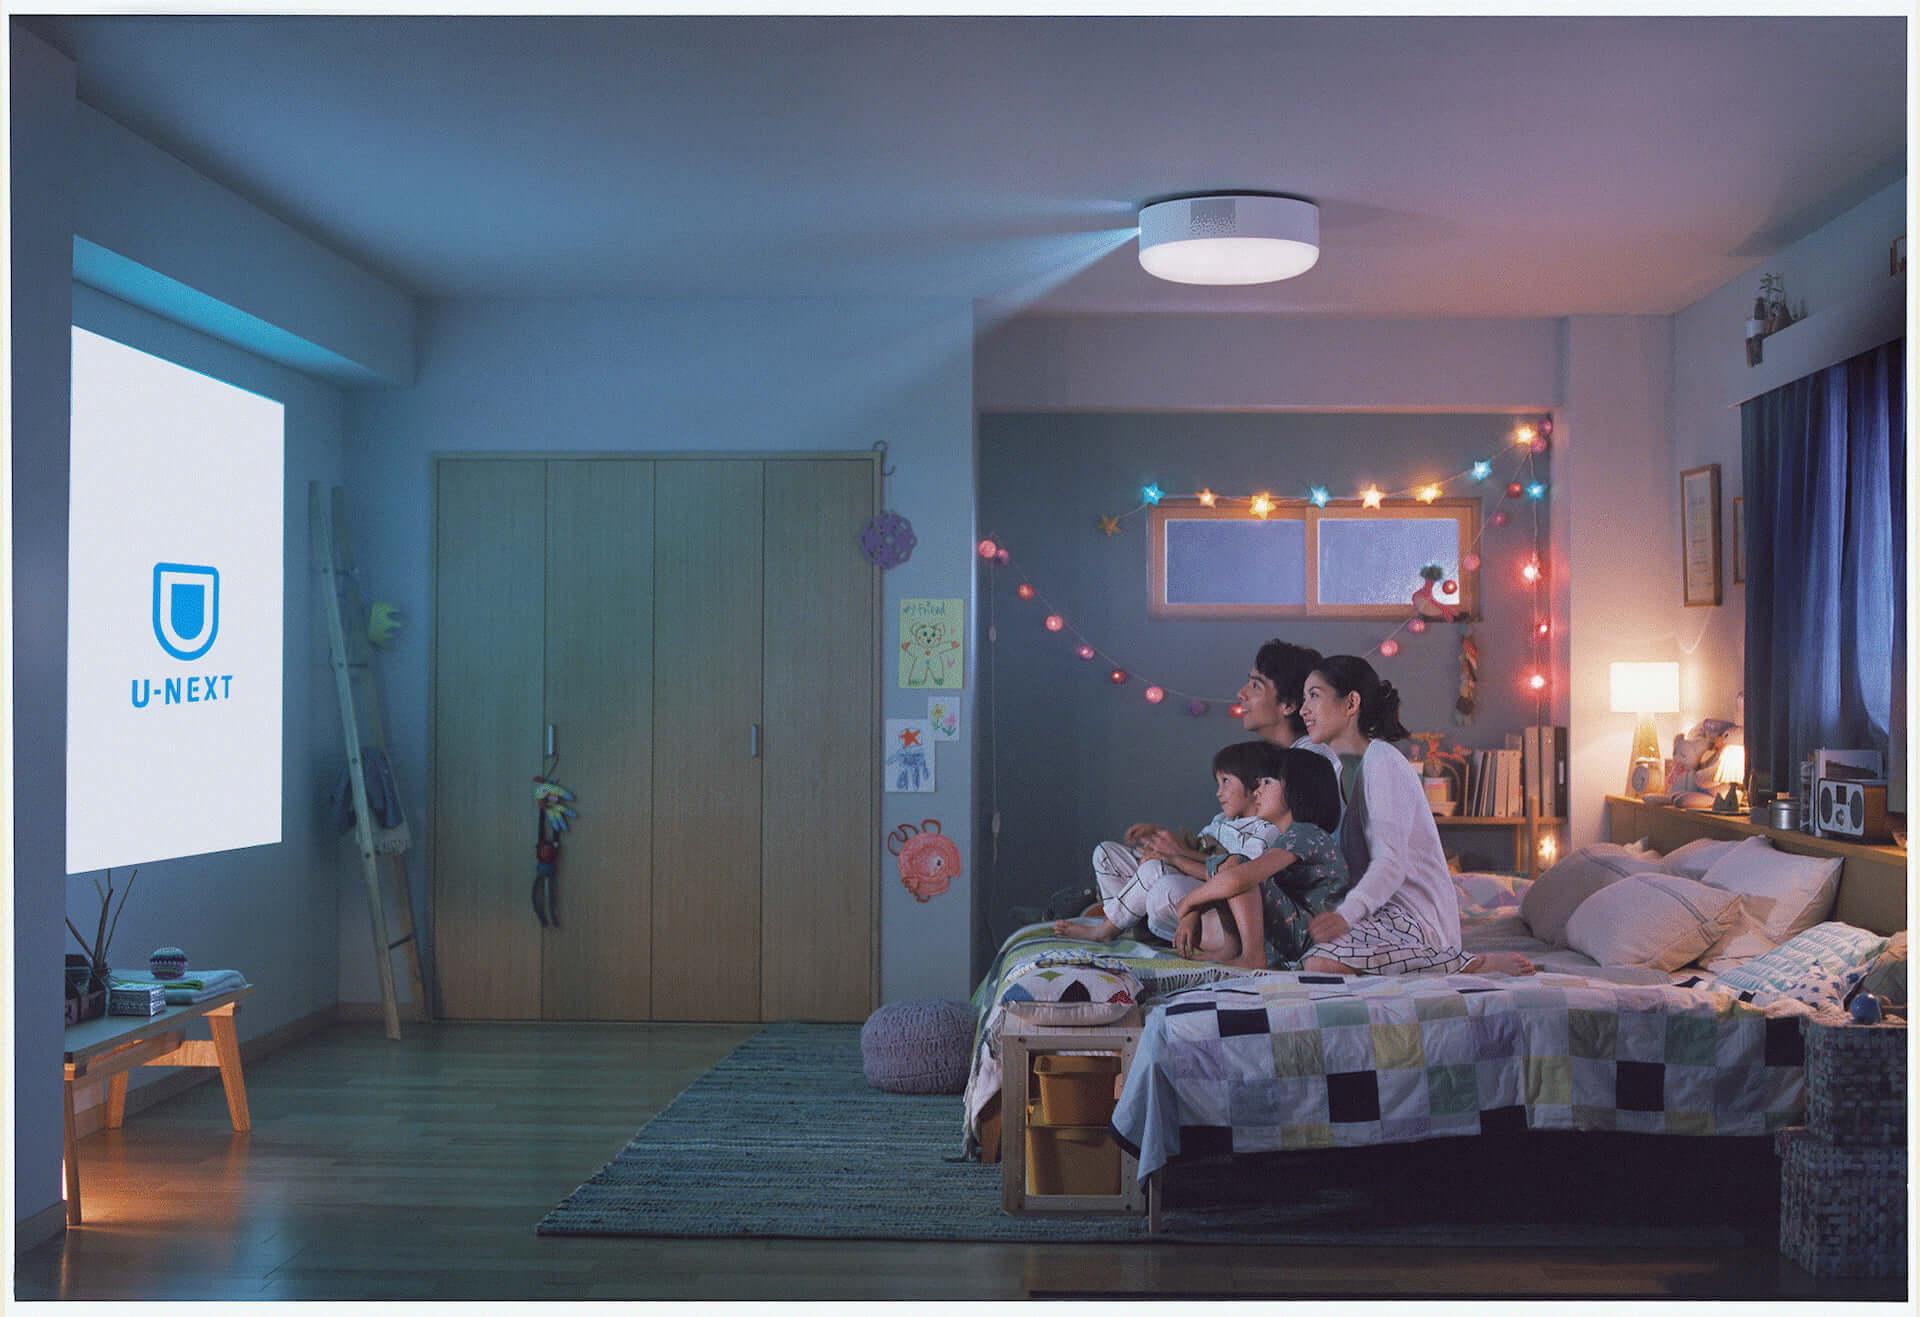 寝室で手軽にホームシアターを!世界初プロジェクター付きシーリングライト、動画配信サービス「U-NEXT」が追加 technology190816popin-aladdin_1-1920x1317